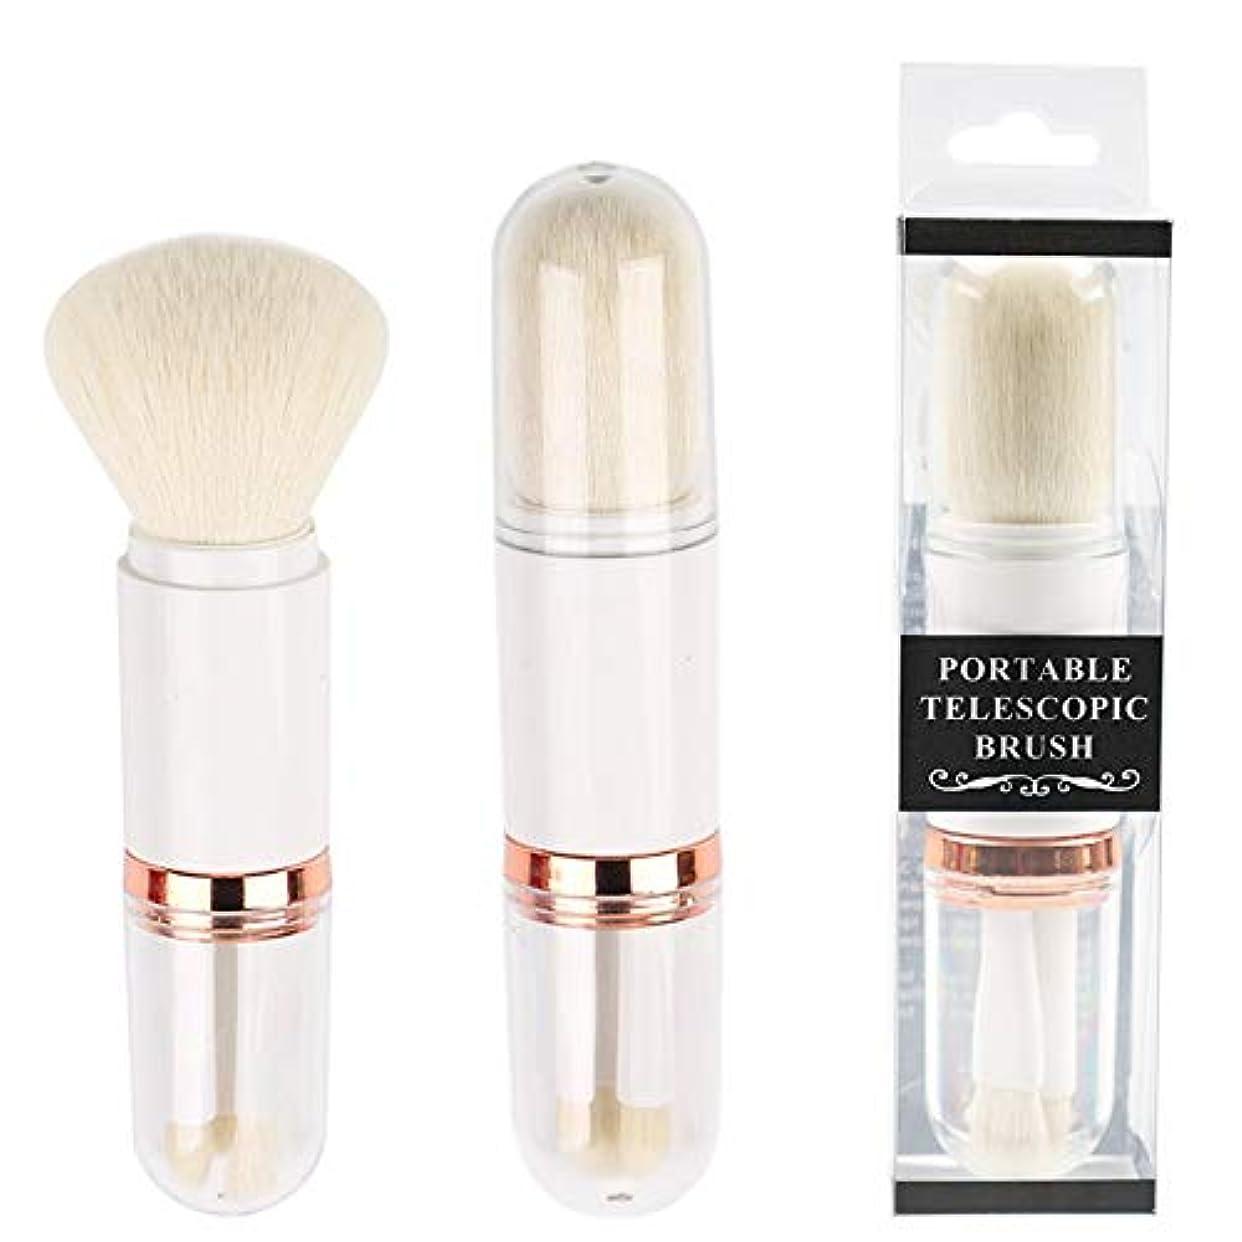 凍った意欲砂漠Makeup brushes 4で1化粧ブラシポータブル開閉式カバー三つ折りヘッドWantonパウダーブラシアイシャドウブラシ美容ツール suits (Color : White)